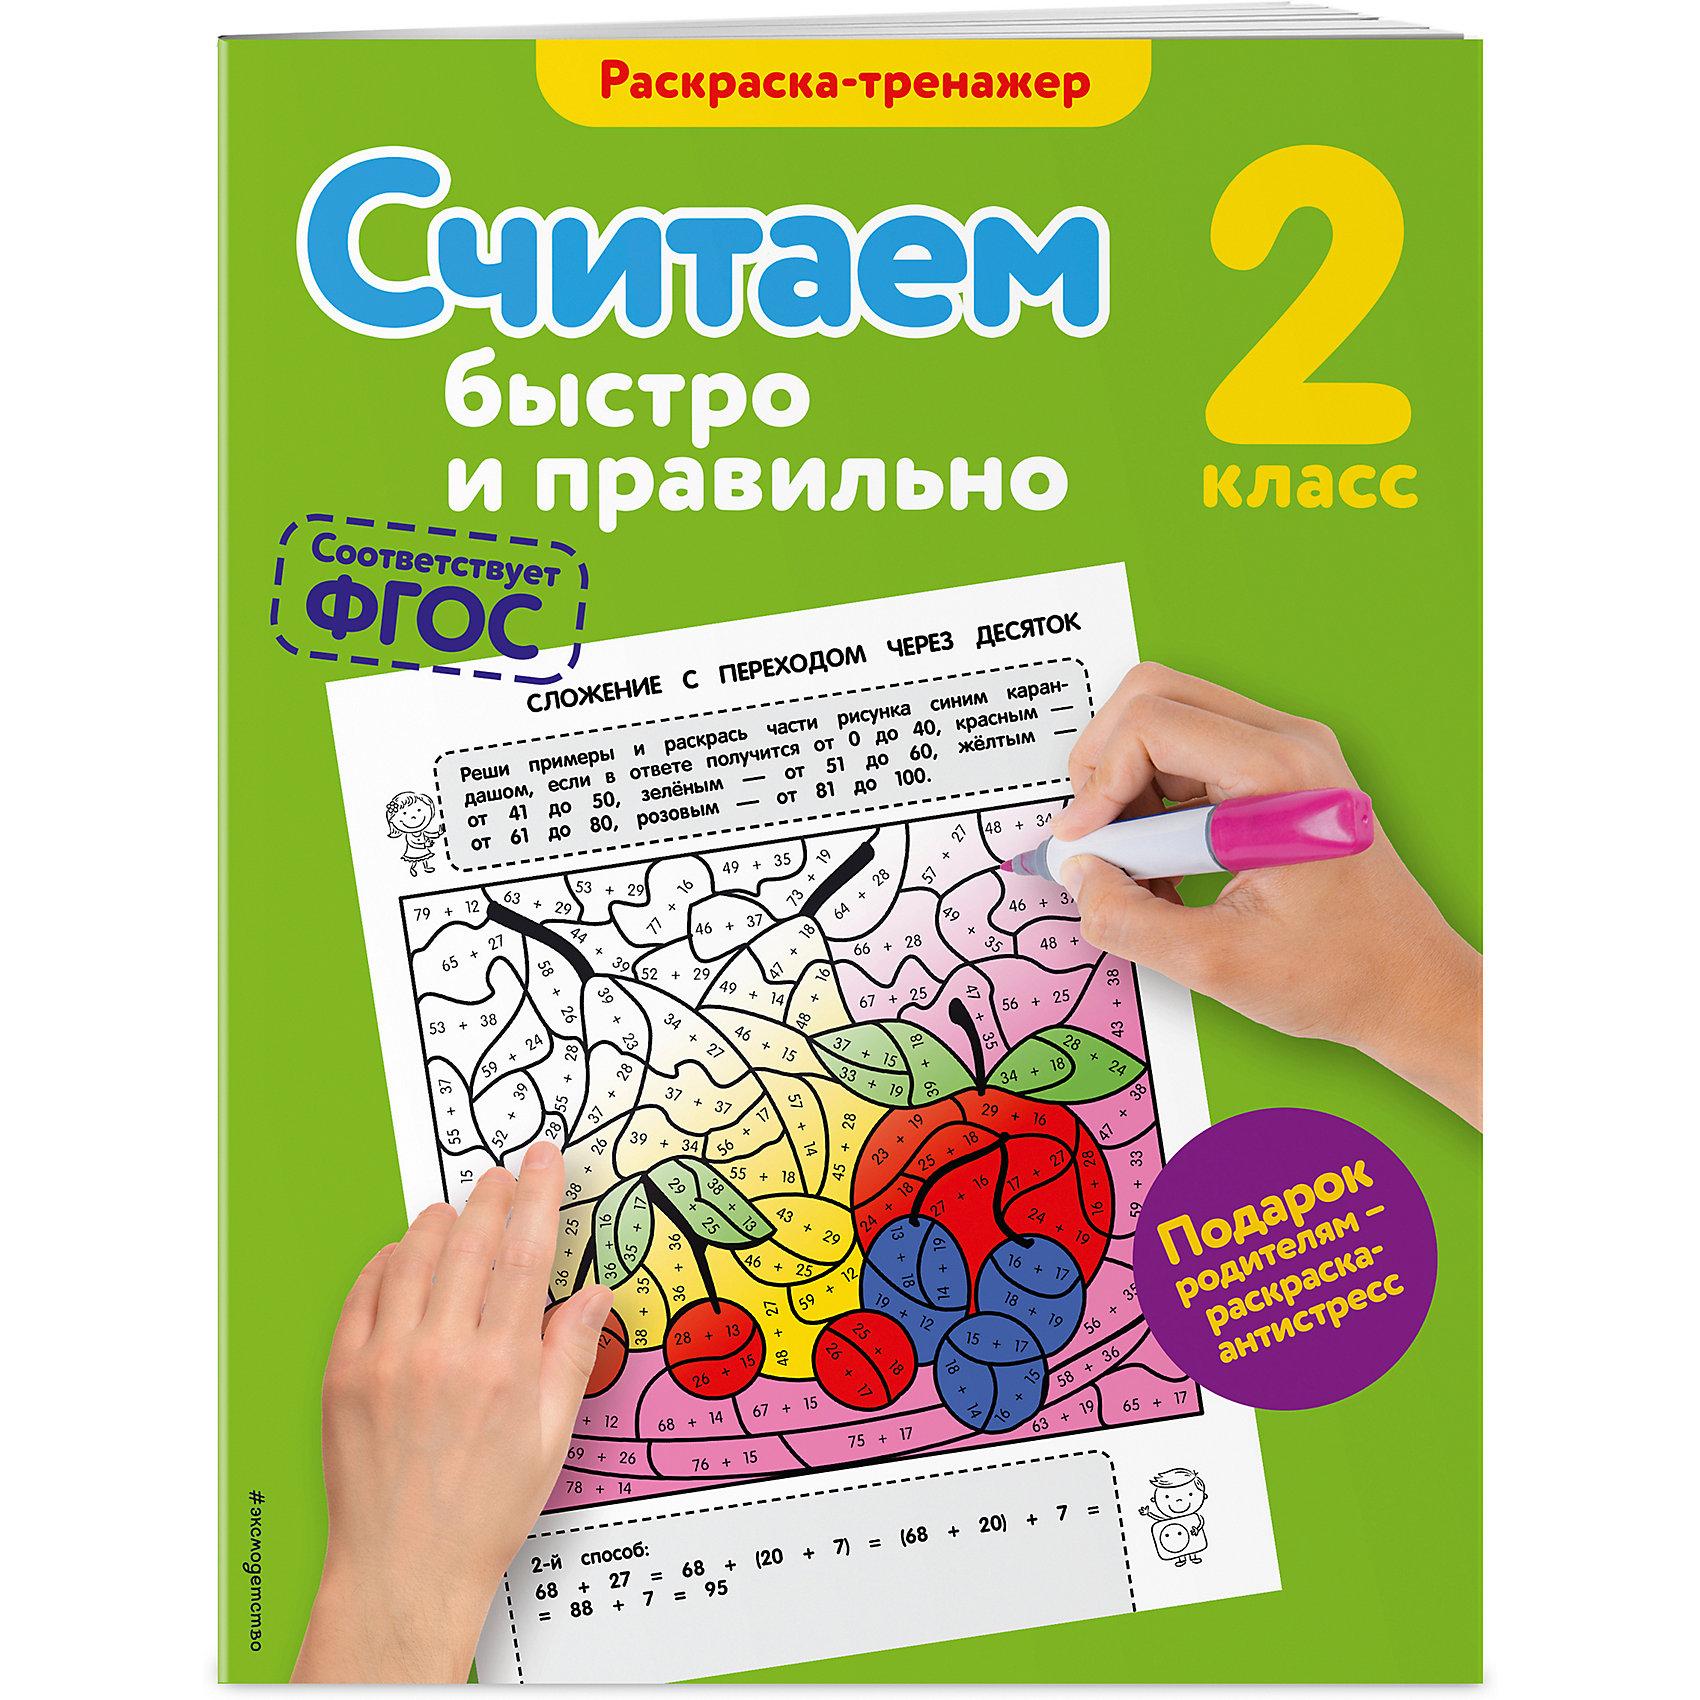 Считаем быстро и правильно, 2-й классПособие представляет собой математическую раскраску, которая поможет ученику 2-го класса закрепить навыки счета, решения примеров, и сравнения чисел в пределах 100, а также развить мелкую моторику, логику и внимание.<br>     В книге 31 задание на счет и раскрашивание, цветная вкладка с рисунками-ответами, раскраской-антистрессом для родителей и грамотой, которой школьник награждается за старание и любознательность. Нестандартная подача материала в пособии поможет увеличить эффективность занятий.<br><br>Ширина мм: 255<br>Глубина мм: 197<br>Высота мм: 2<br>Вес г: 115<br>Возраст от месяцев: 96<br>Возраст до месяцев: 108<br>Пол: Унисекс<br>Возраст: Детский<br>SKU: 5098437